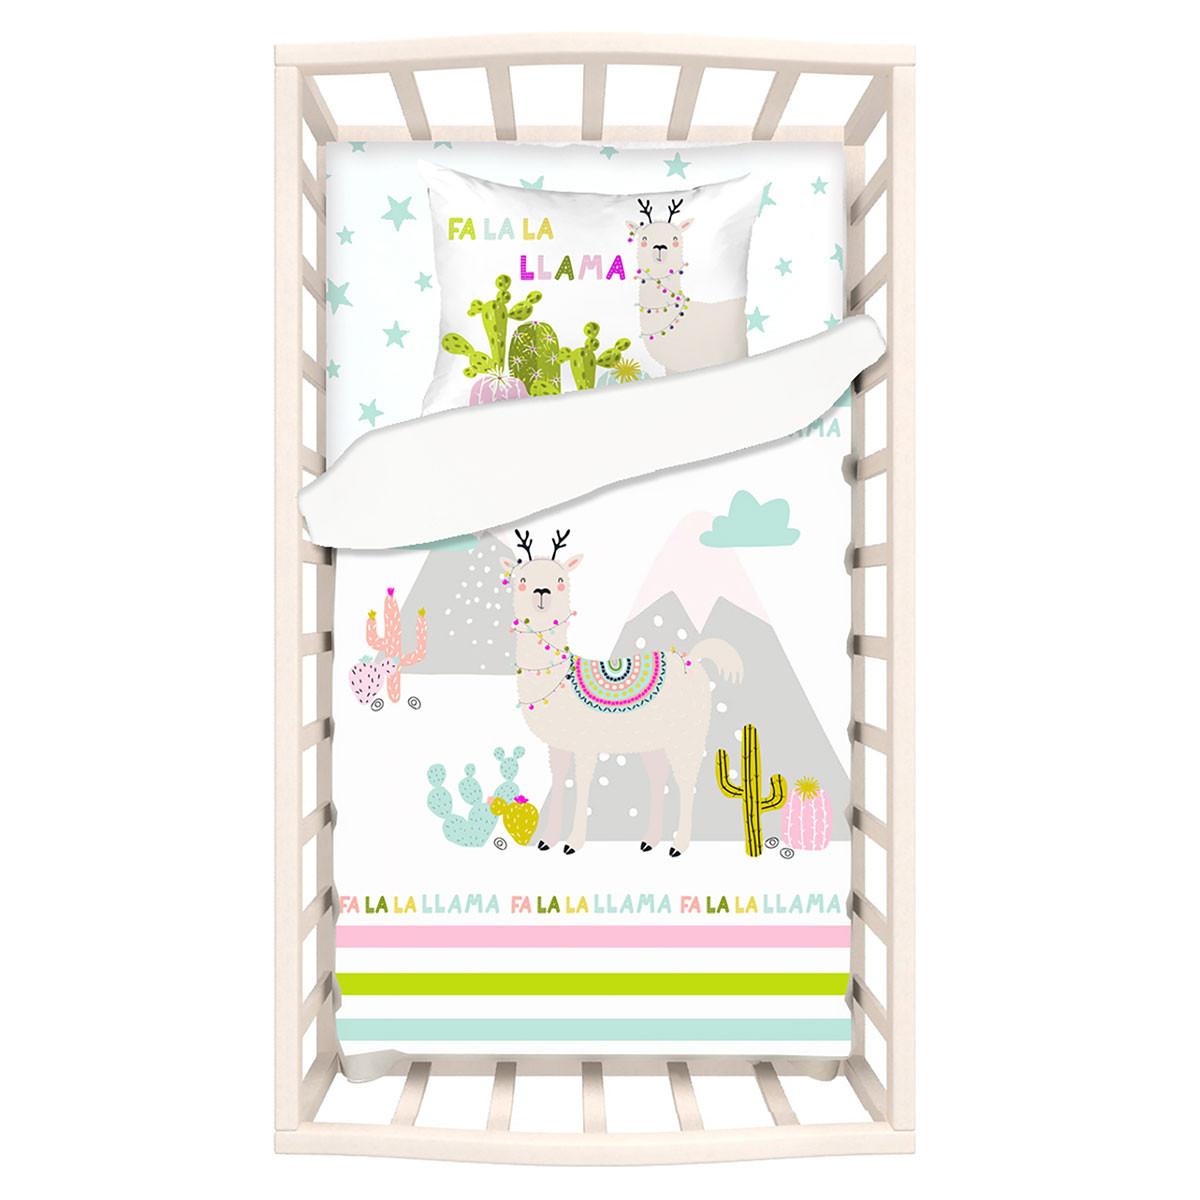 Σεντόνια Κούνιας (Σετ) Apolena Llama 5000/1